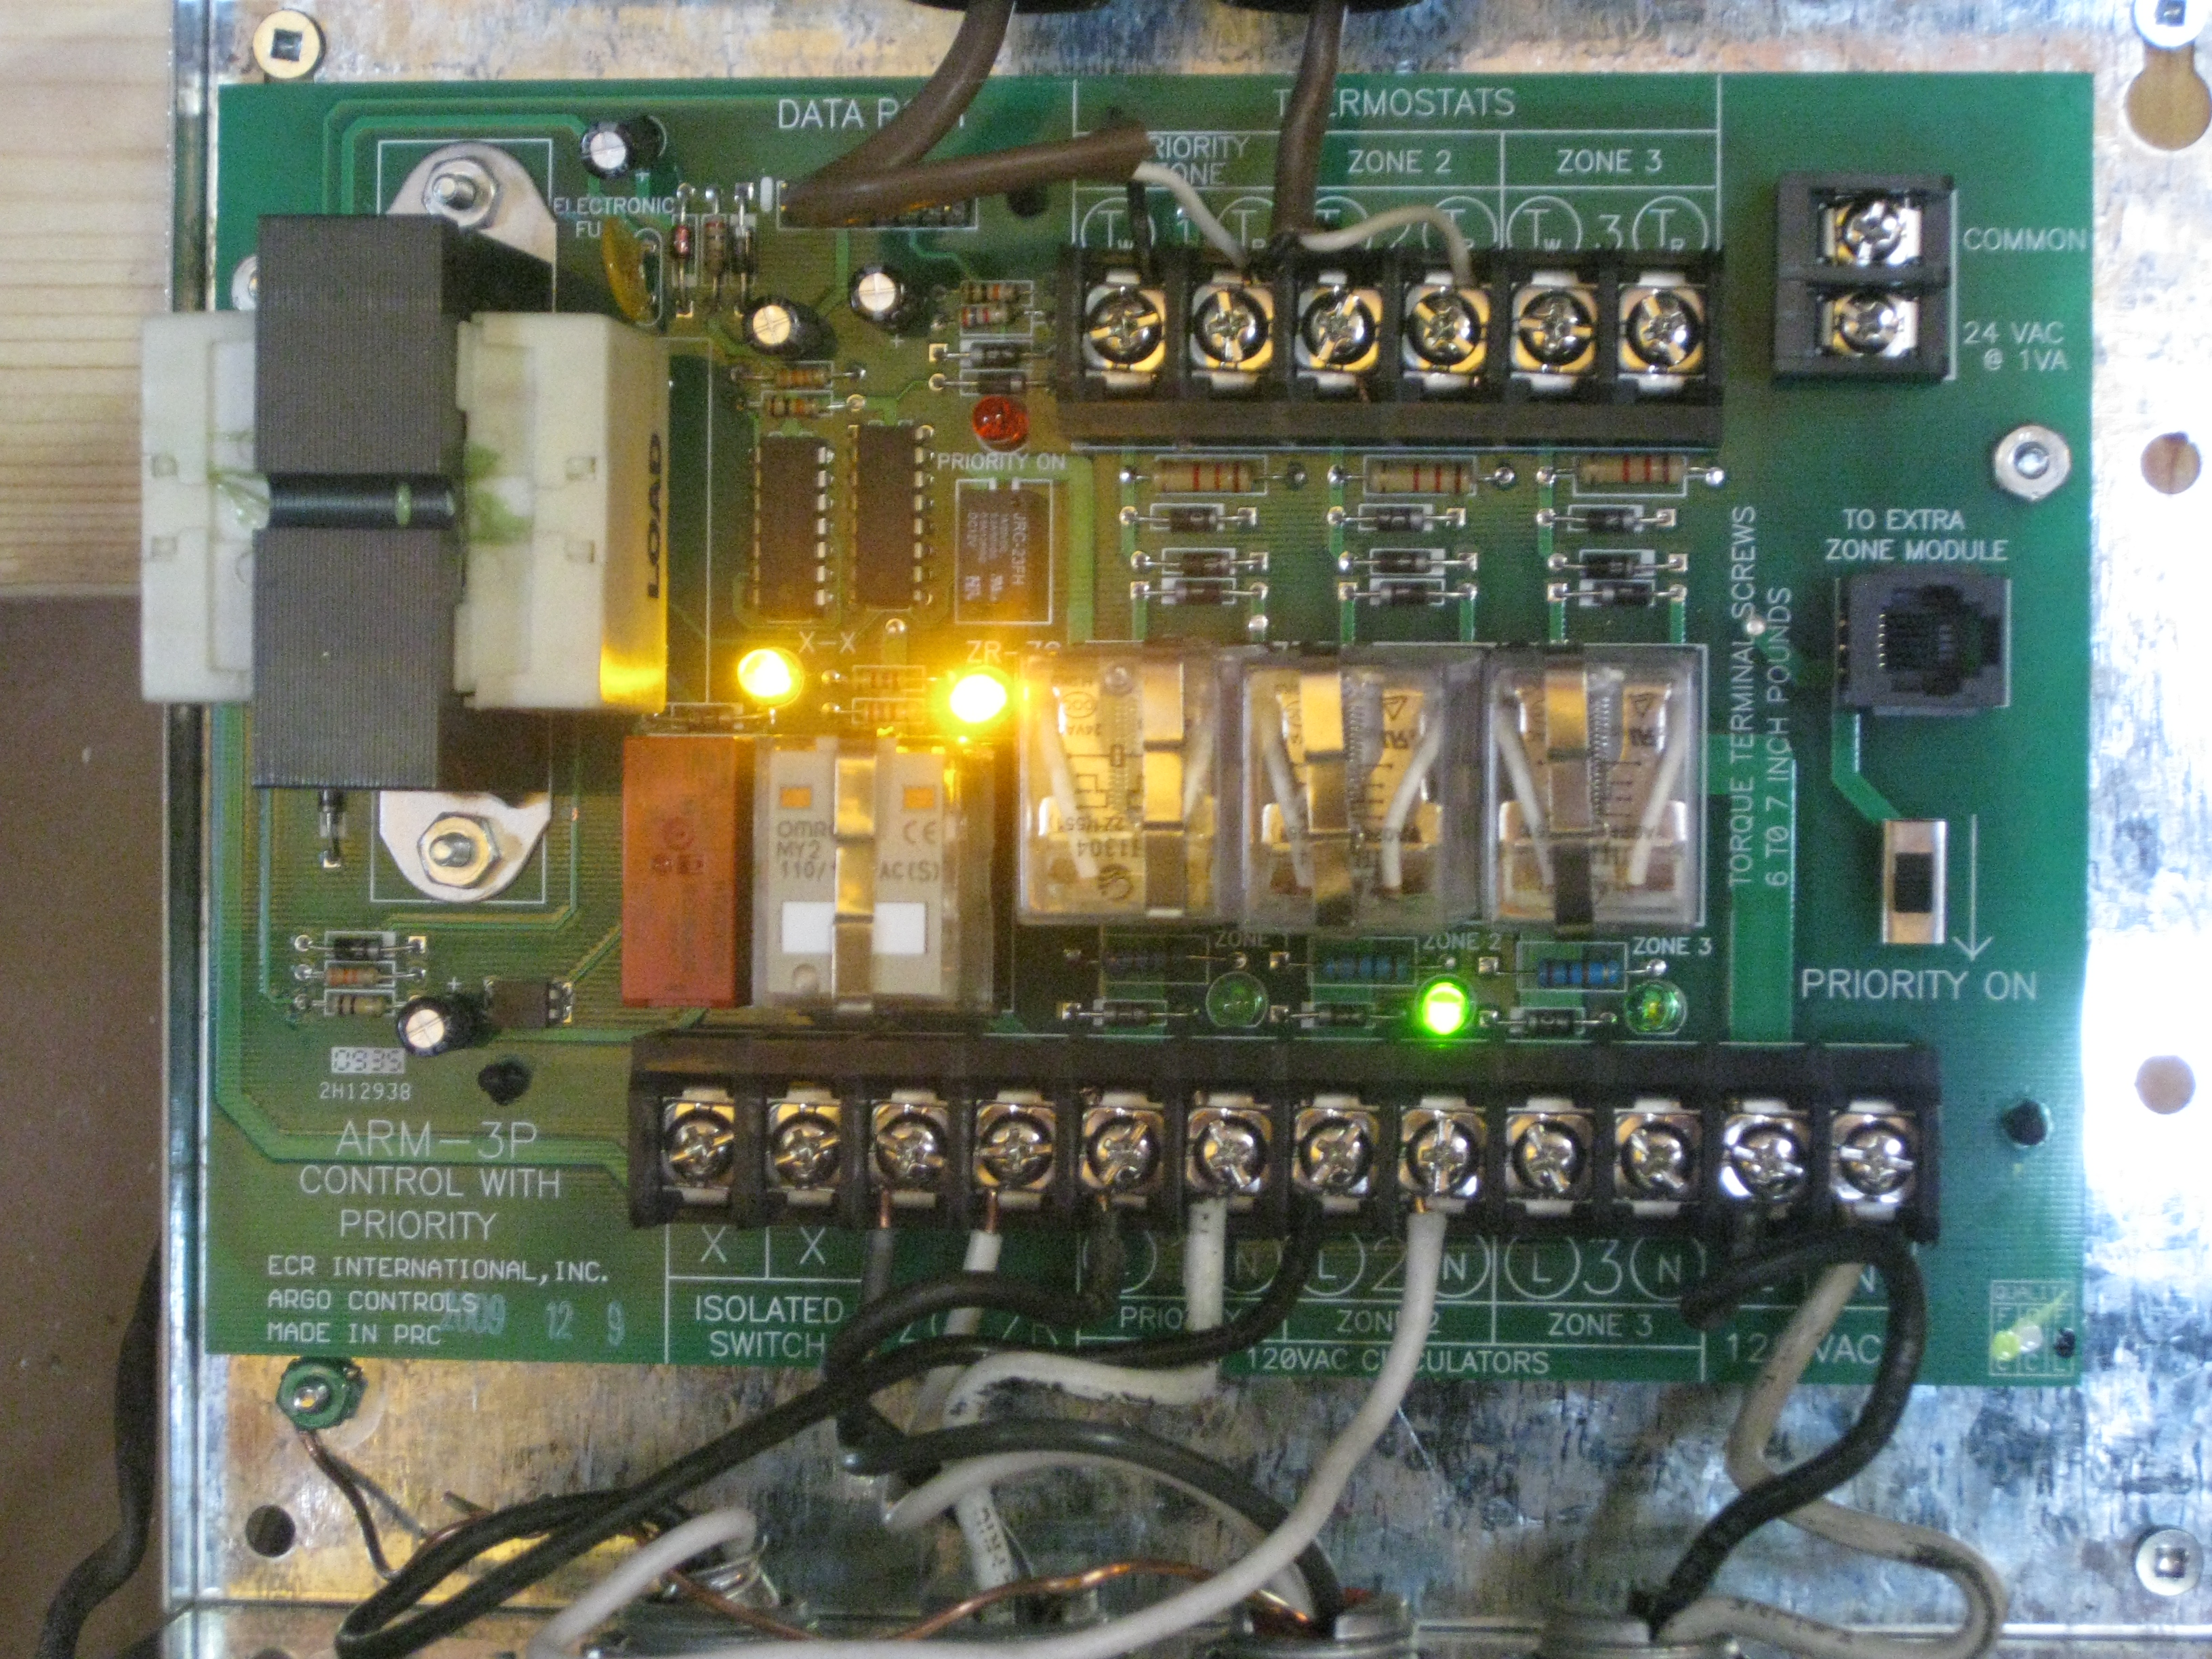 ar821 argo relay wiring diagram yn 5415  argo wiring diagram 3p arm  yn 5415  argo wiring diagram 3p arm